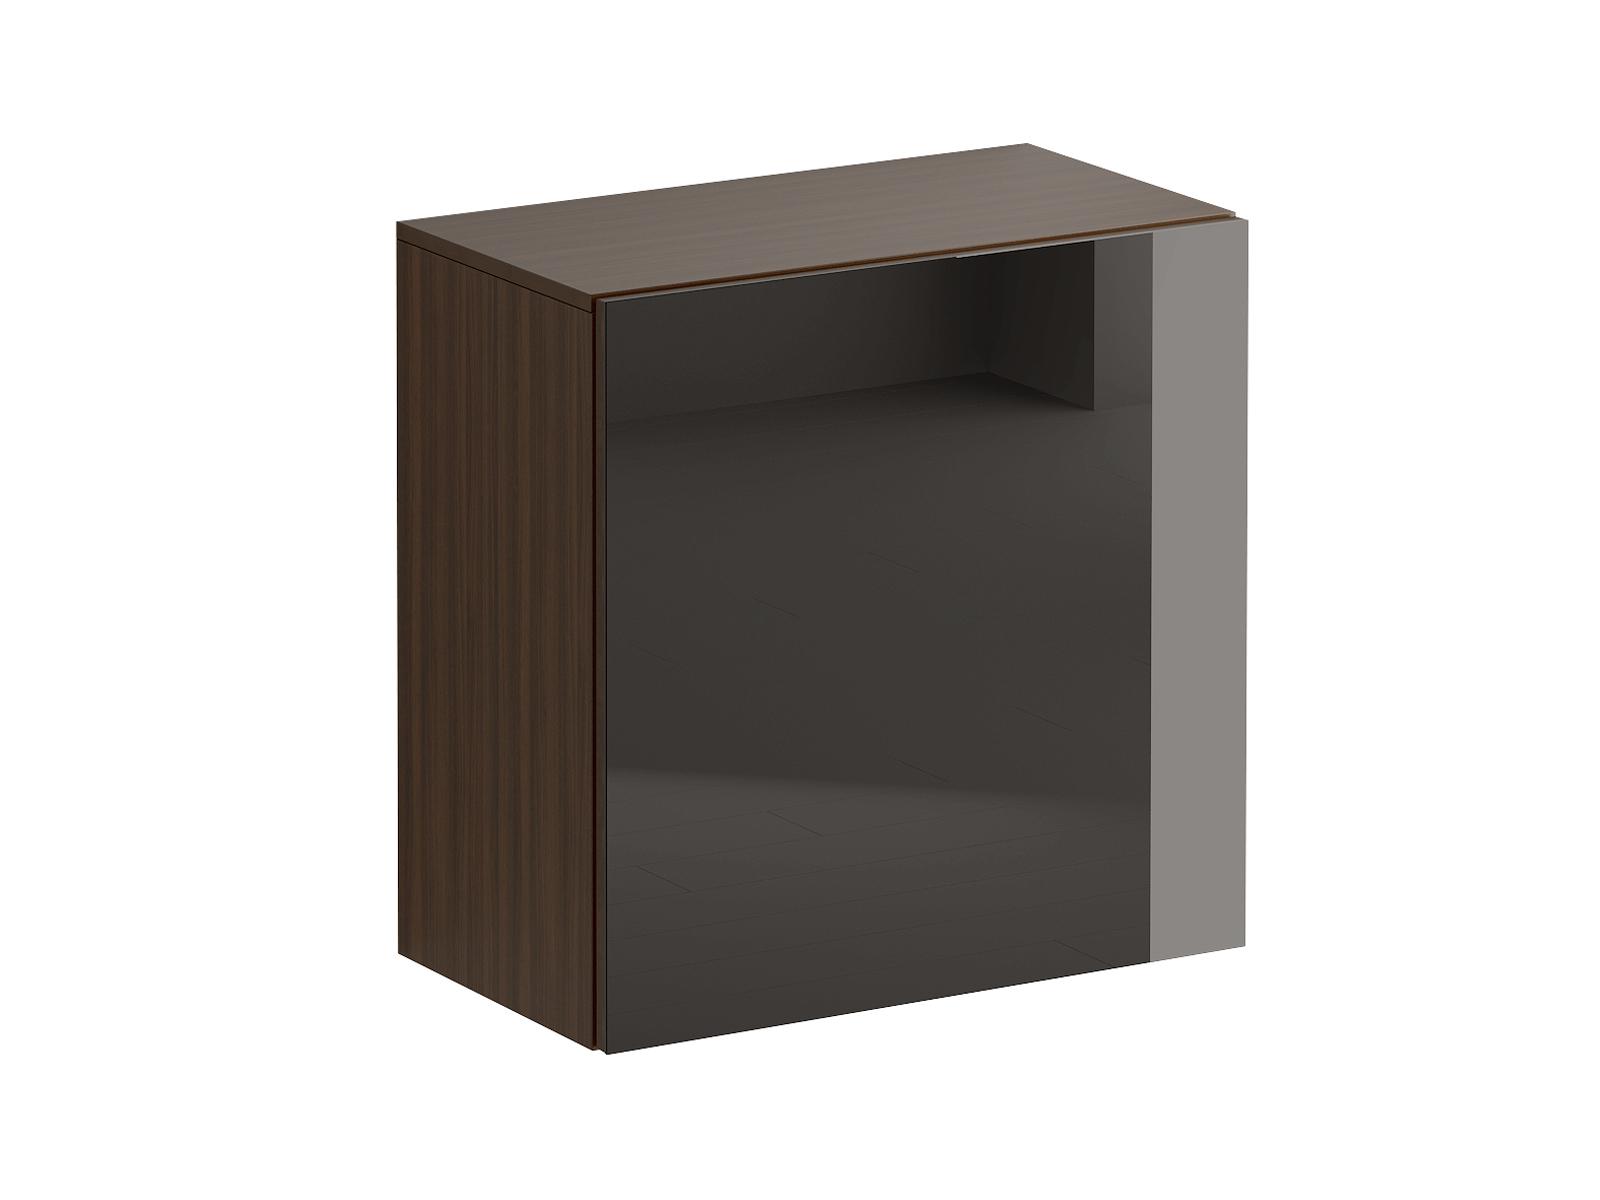 Шкаф навесной GustoШкафы<br>Шкаф имеет два отделения, образованные одной съемной полкой с возможностью переустановки по высоте. Распашная дверь открывается по принципу «нажал-открыл». Задняя стенка черного цвета.<br>